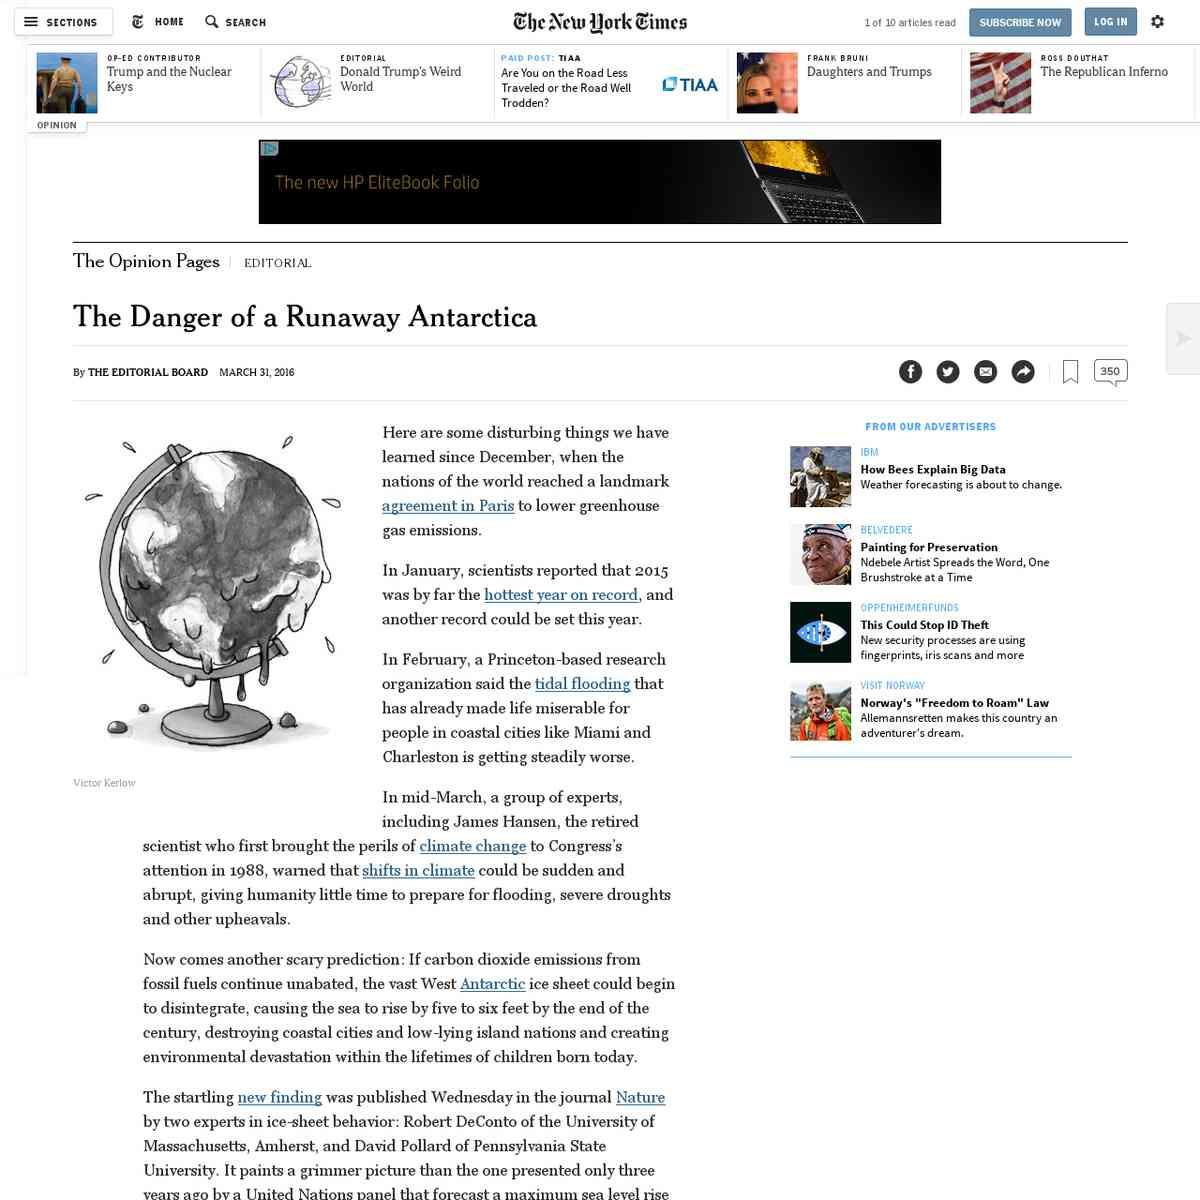 The Danger of a Runaway Antarctica